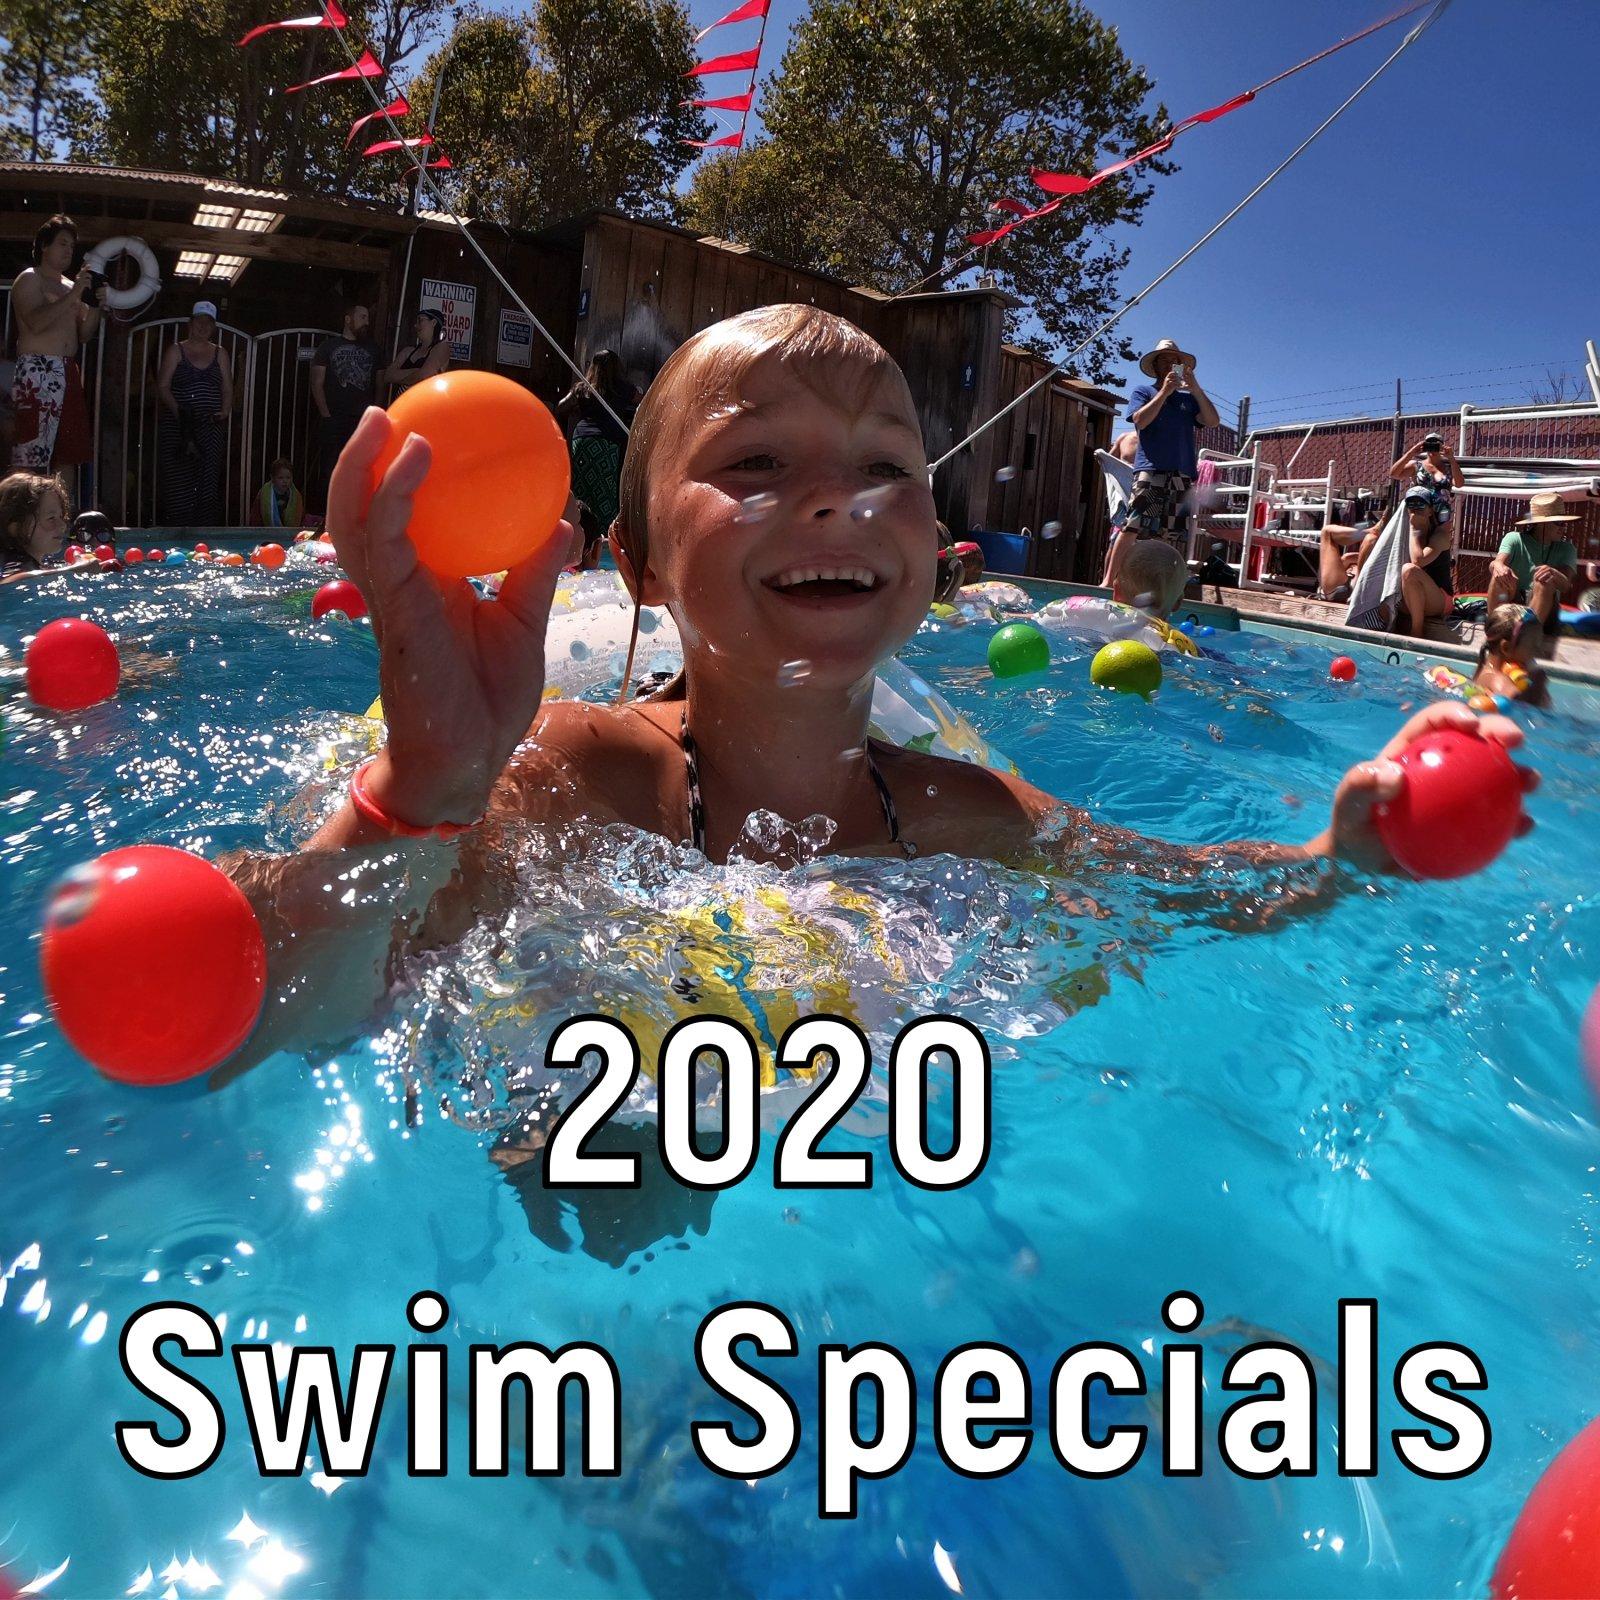 Swim Specials 2020